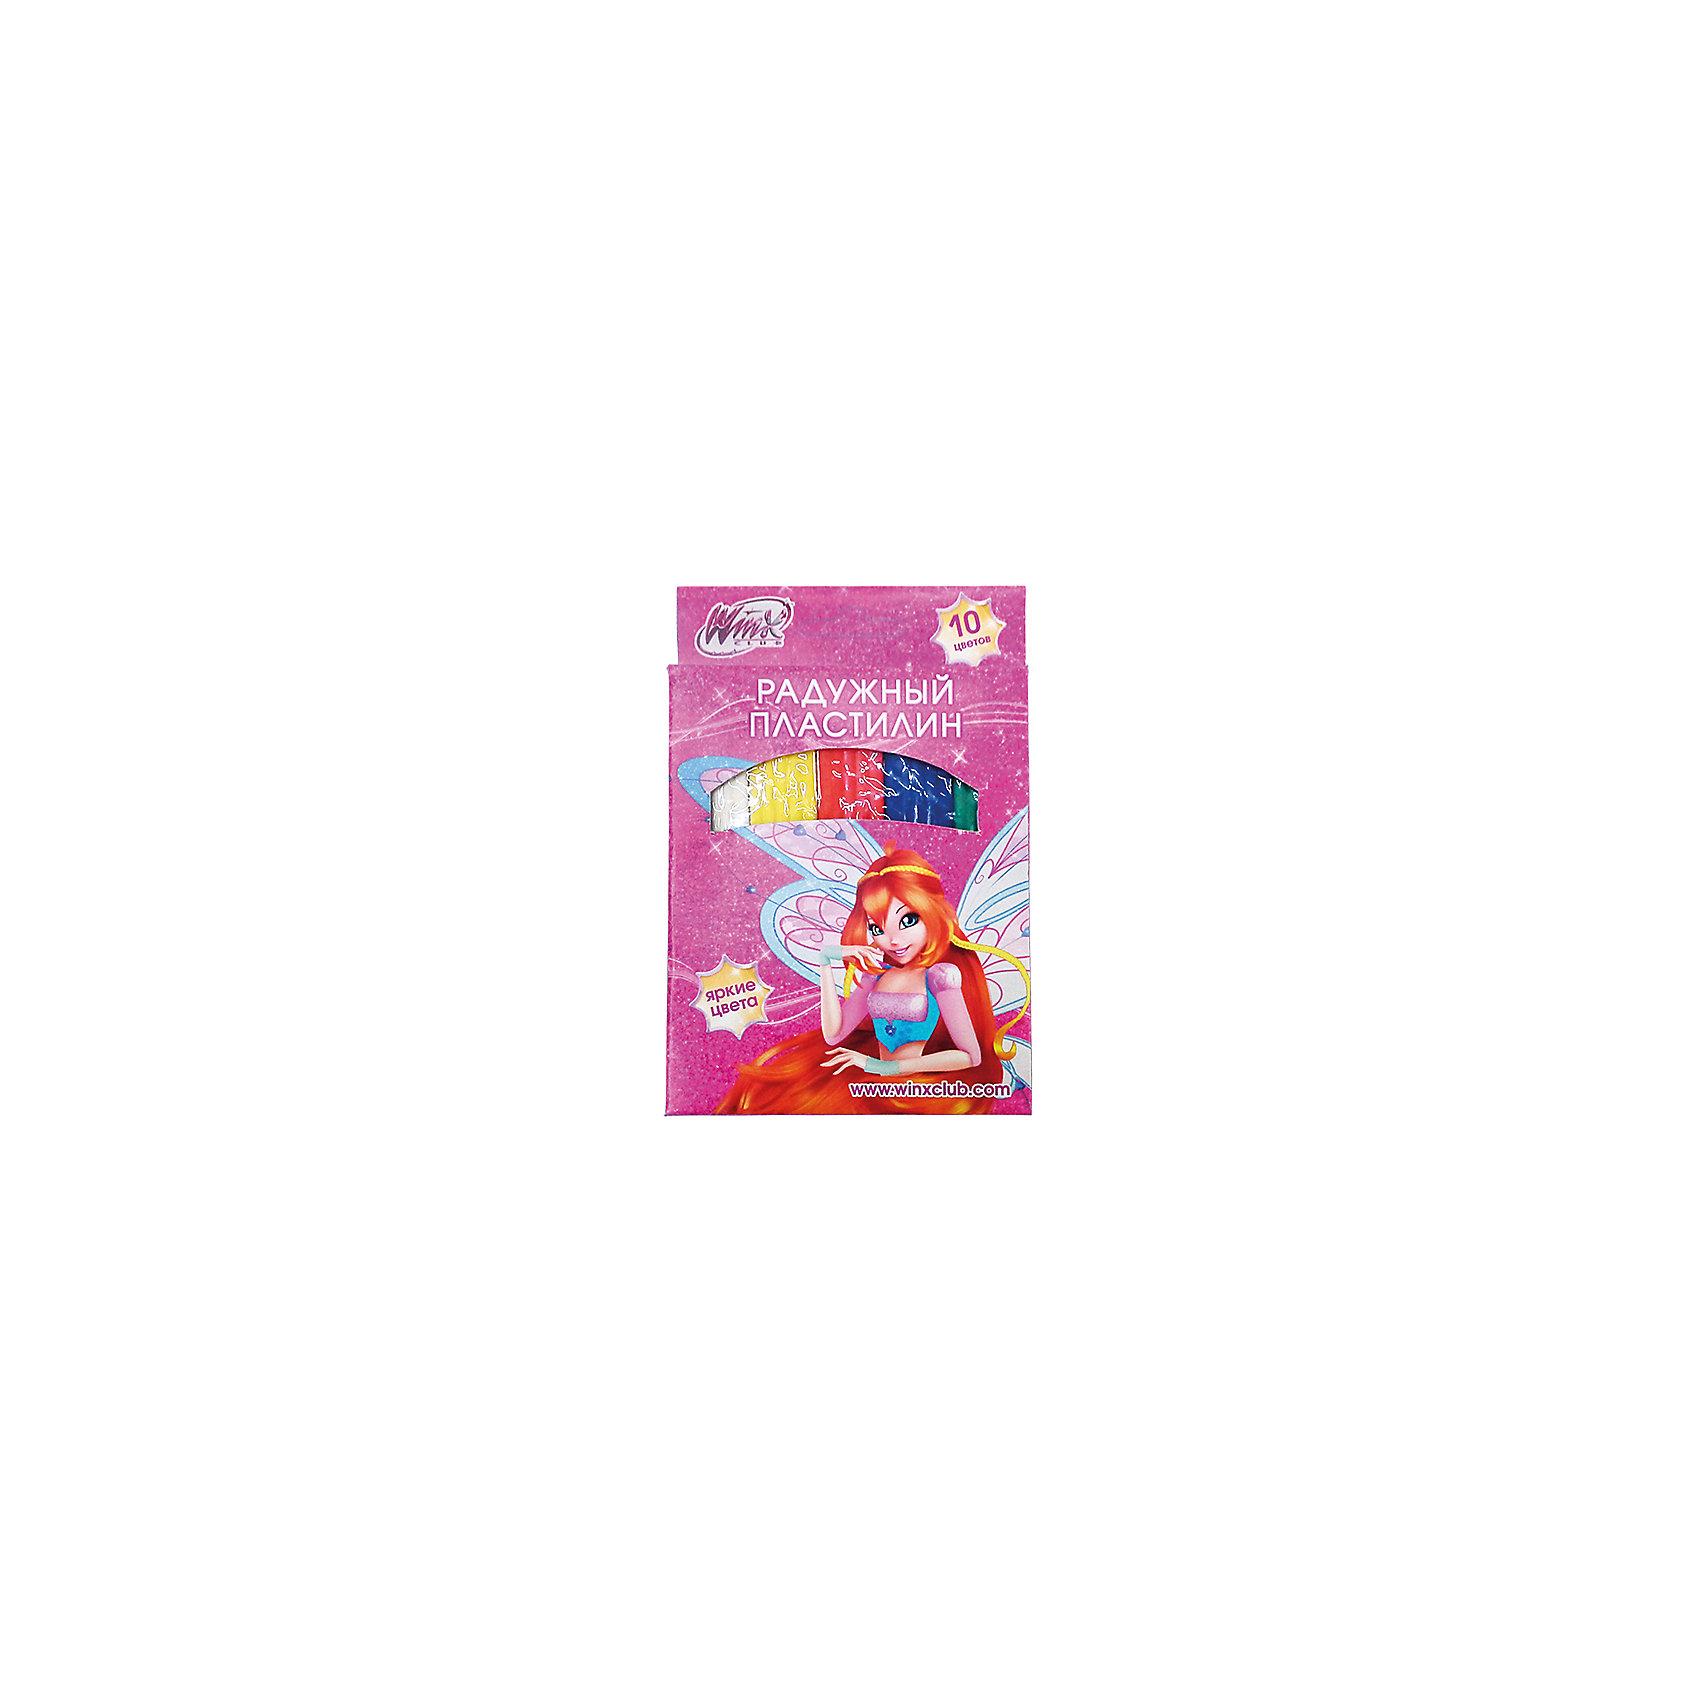 Пластилин, Winx Club, 10 цветовПластилин с героями мультсериала Winx поможет развить фантазию, усидчивость и мелкую моторику у ребенка. Не вызывает аллергии, хорошо мнется. Лепить с таким пластилином одно удовольствие!<br>Дополнительная информация:<br>-в наборе: восковый пластилин 10 цветов<br>Сказочный персонаж: Winx Club<br>-вес: 250 грамм<br>-размер упаковки: 11х17х2 см<br>Пластилин Winx Club можно приобрести в нашем интернет-магазине.<br><br>Ширина мм: 20<br>Глубина мм: 170<br>Высота мм: 110<br>Вес г: 250<br>Возраст от месяцев: 36<br>Возраст до месяцев: 84<br>Пол: Женский<br>Возраст: Детский<br>SKU: 4915461